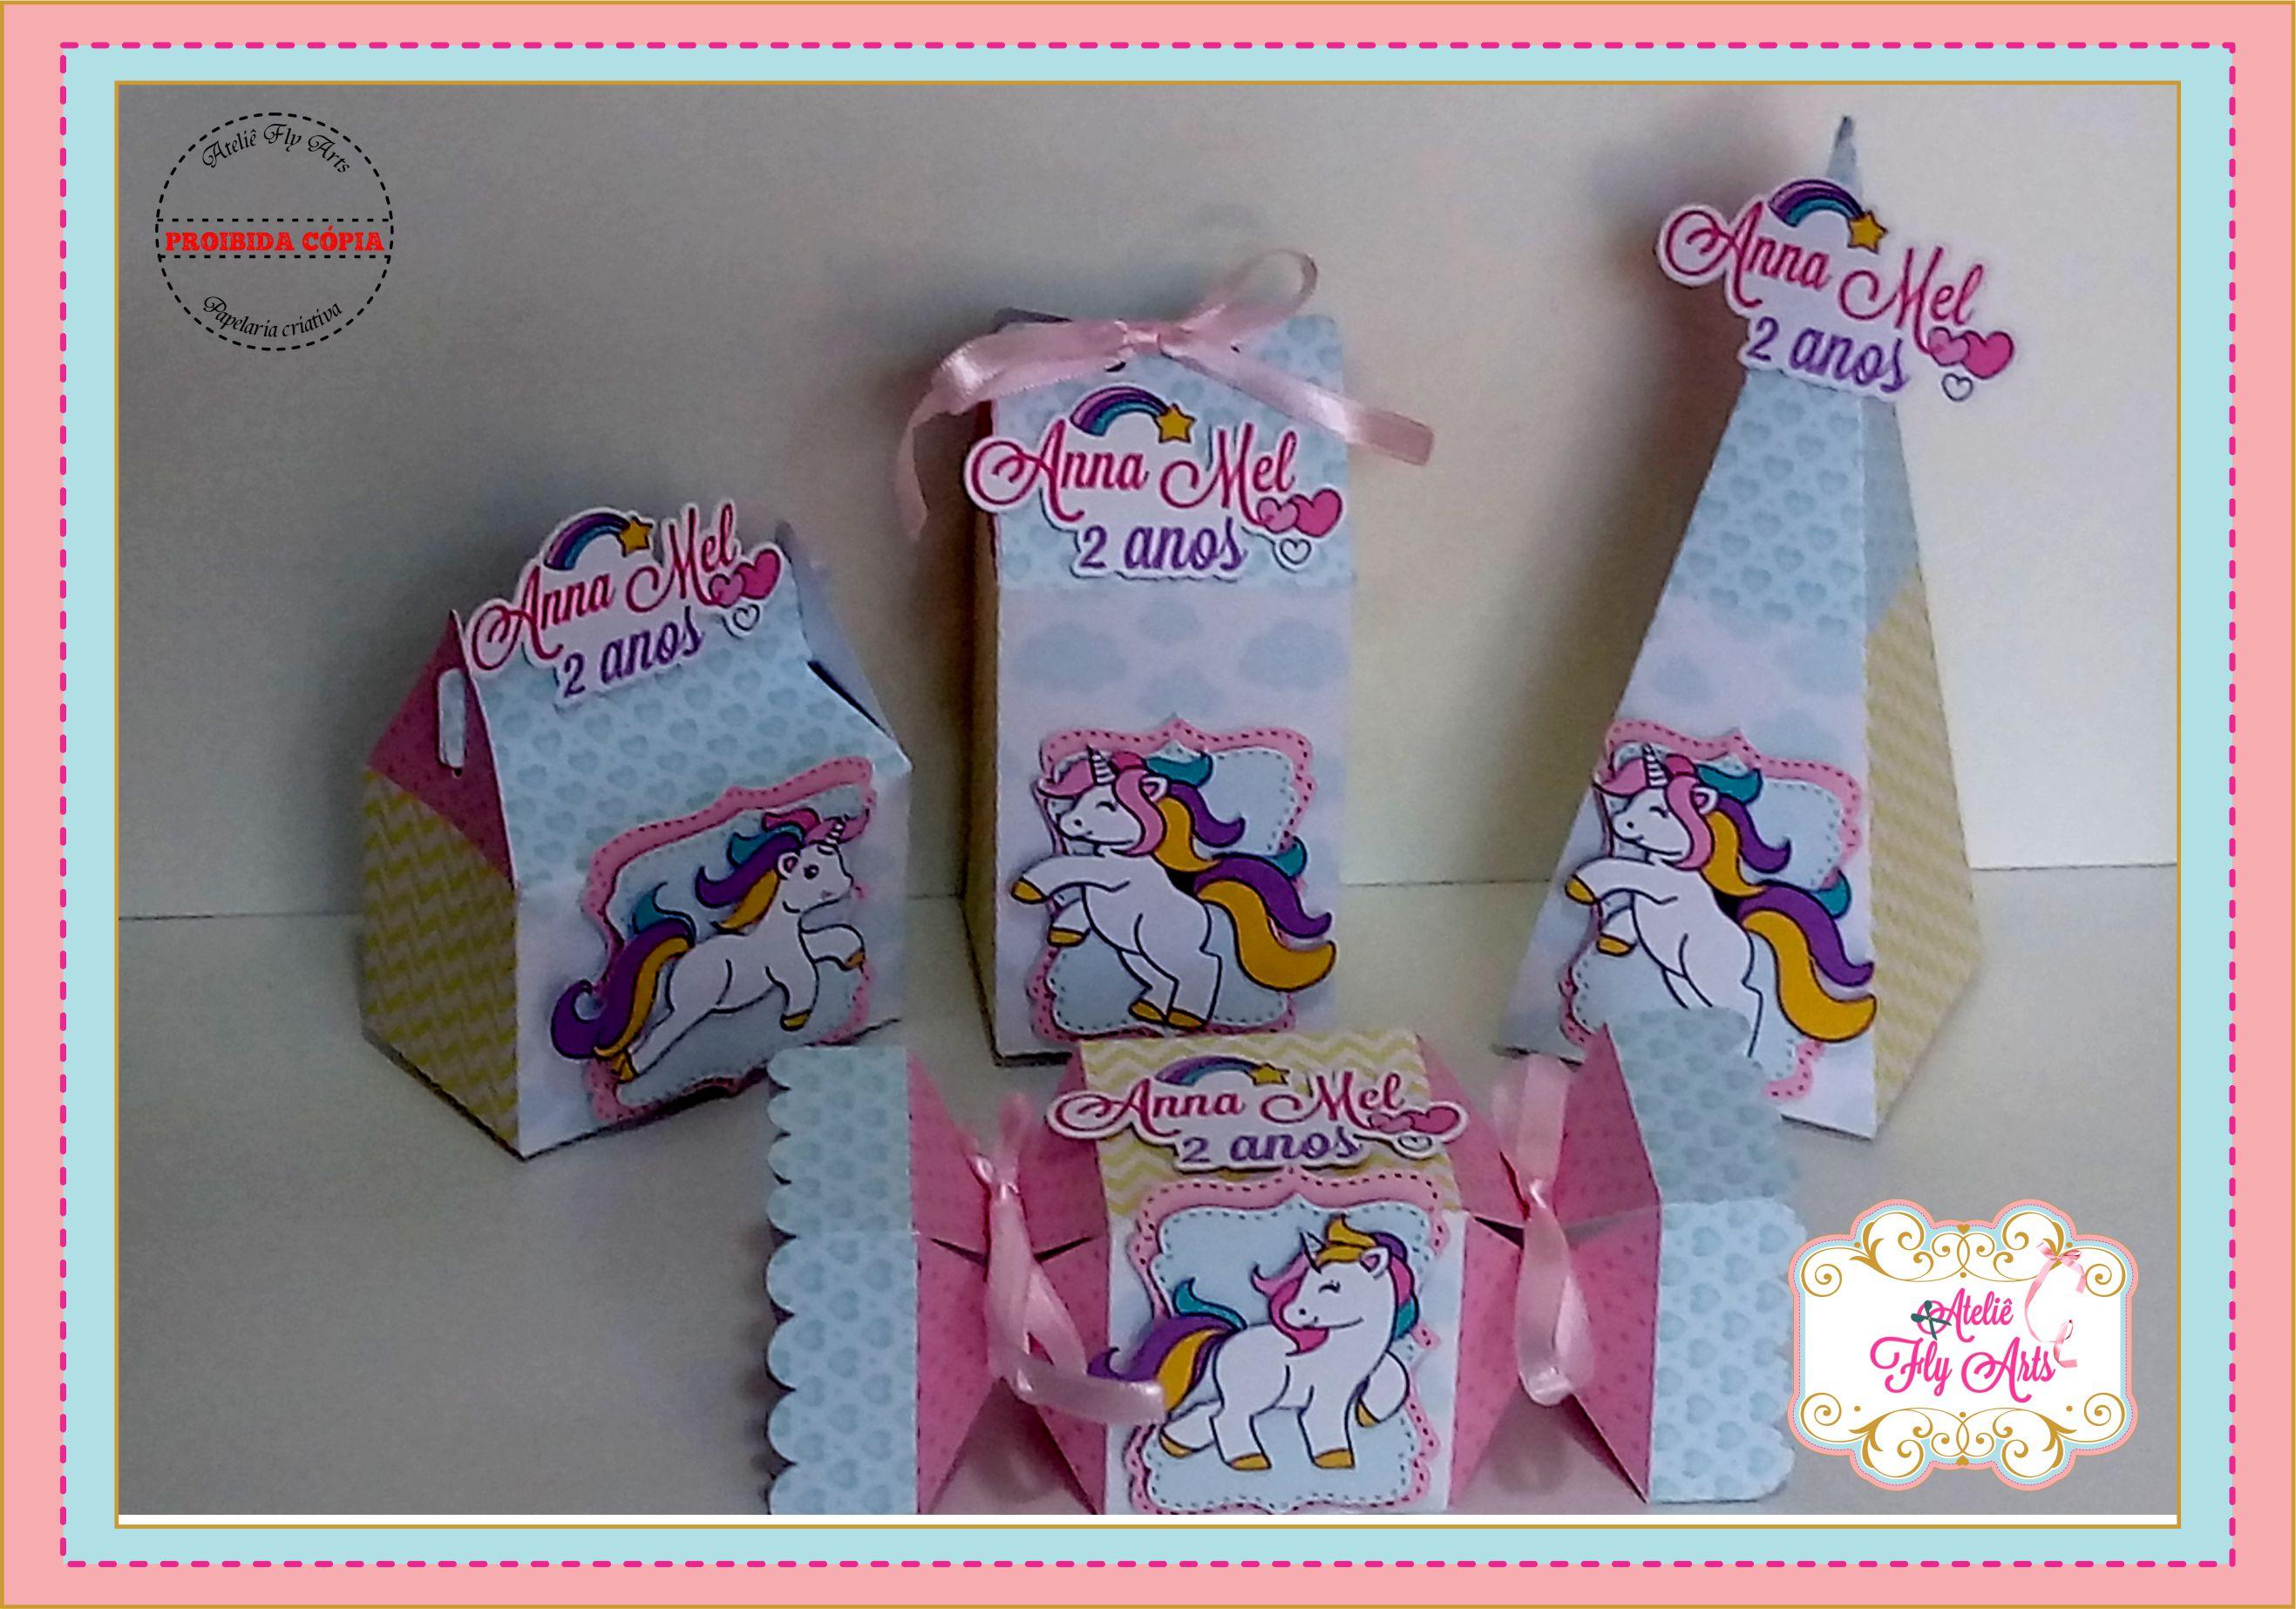 40 lembrancinhas unicornio